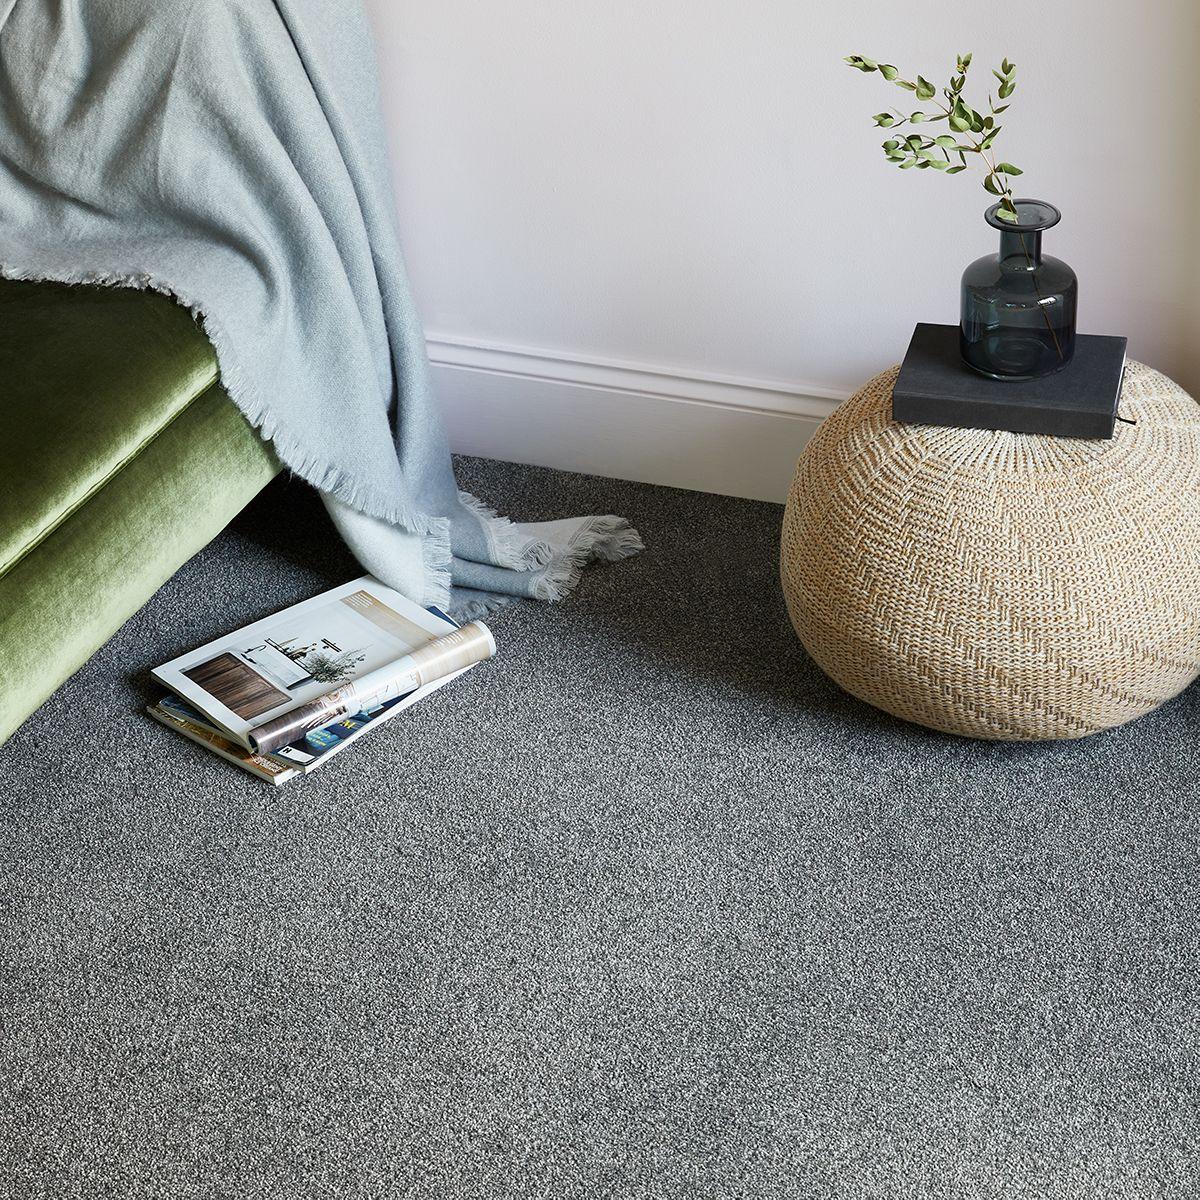 Bedroom vignette showing velvet green upholstery, baby blue tapestry and gray carpet